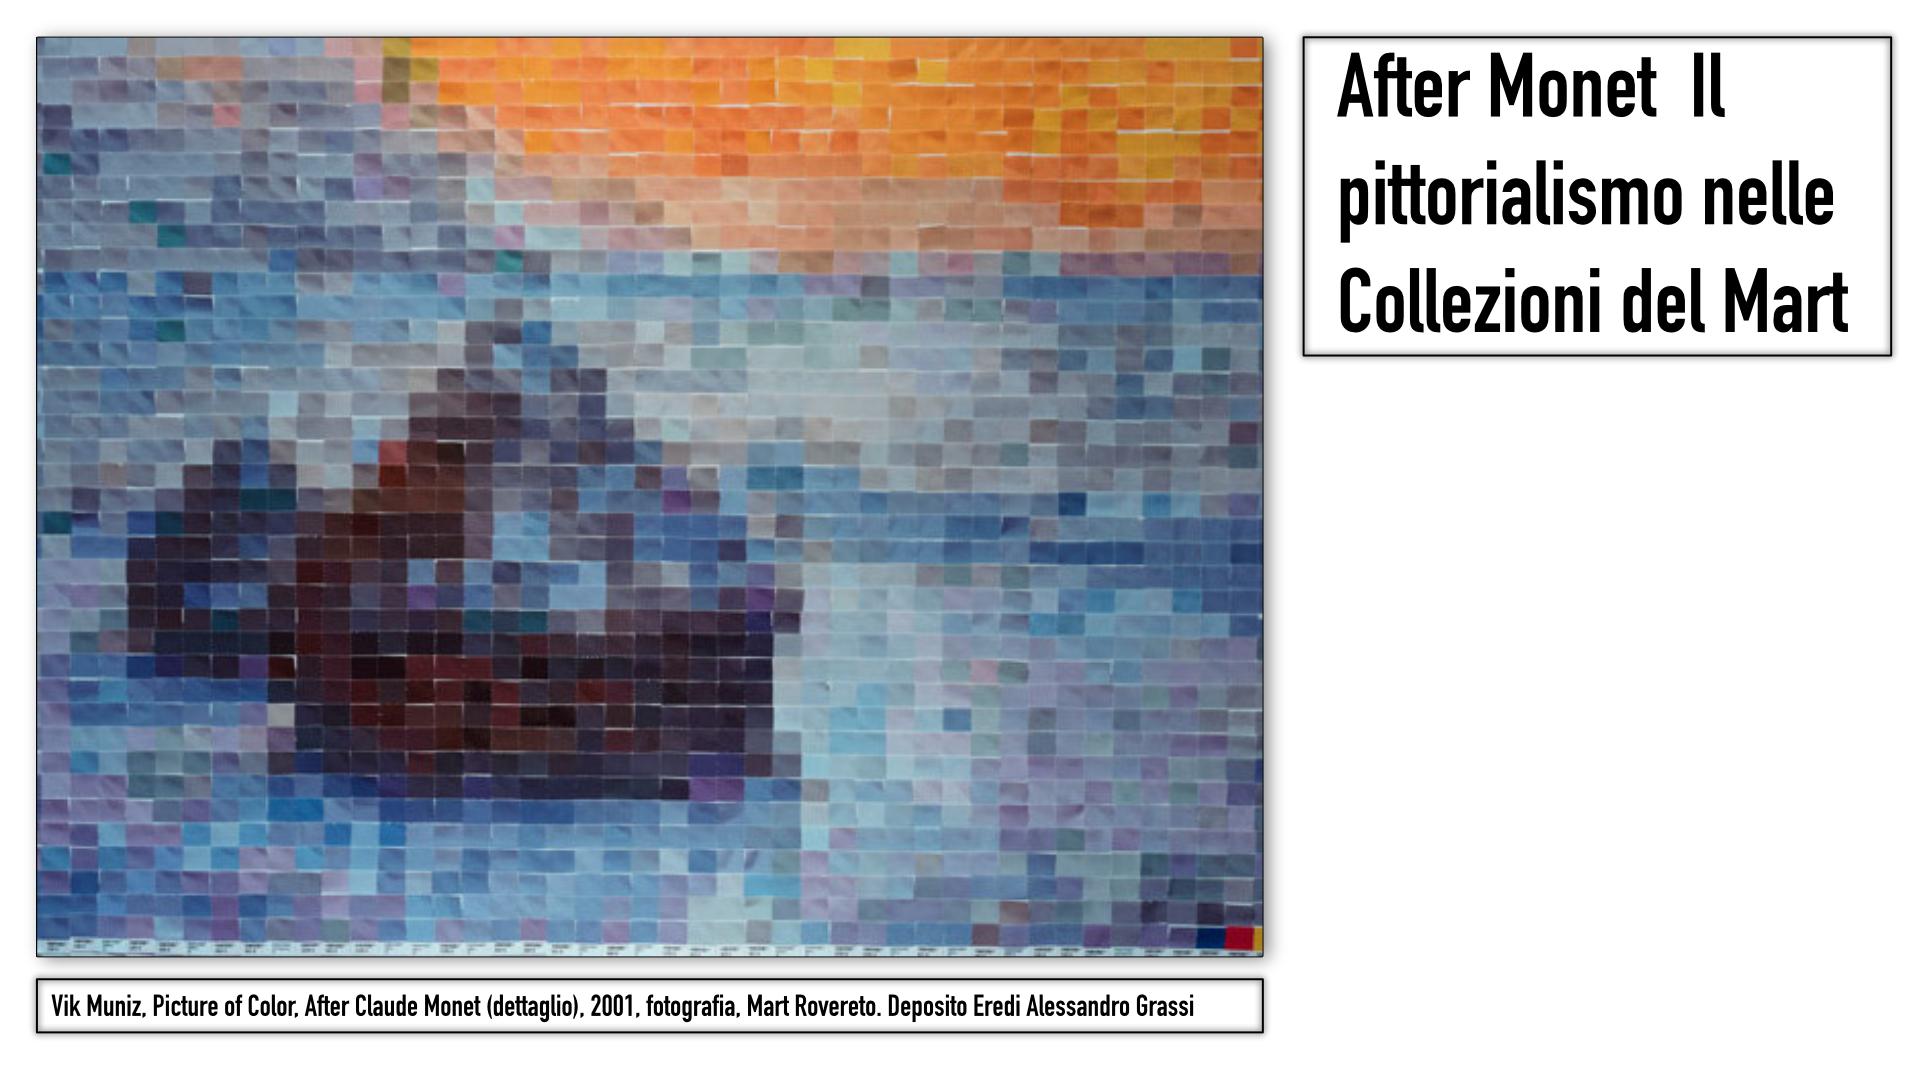 Vik Muniz, Picture of Color, After Claude Monet (dettaglio), 2001, fotografia, Mart Rovereto. Deposito Eredi Alessandro Grassi